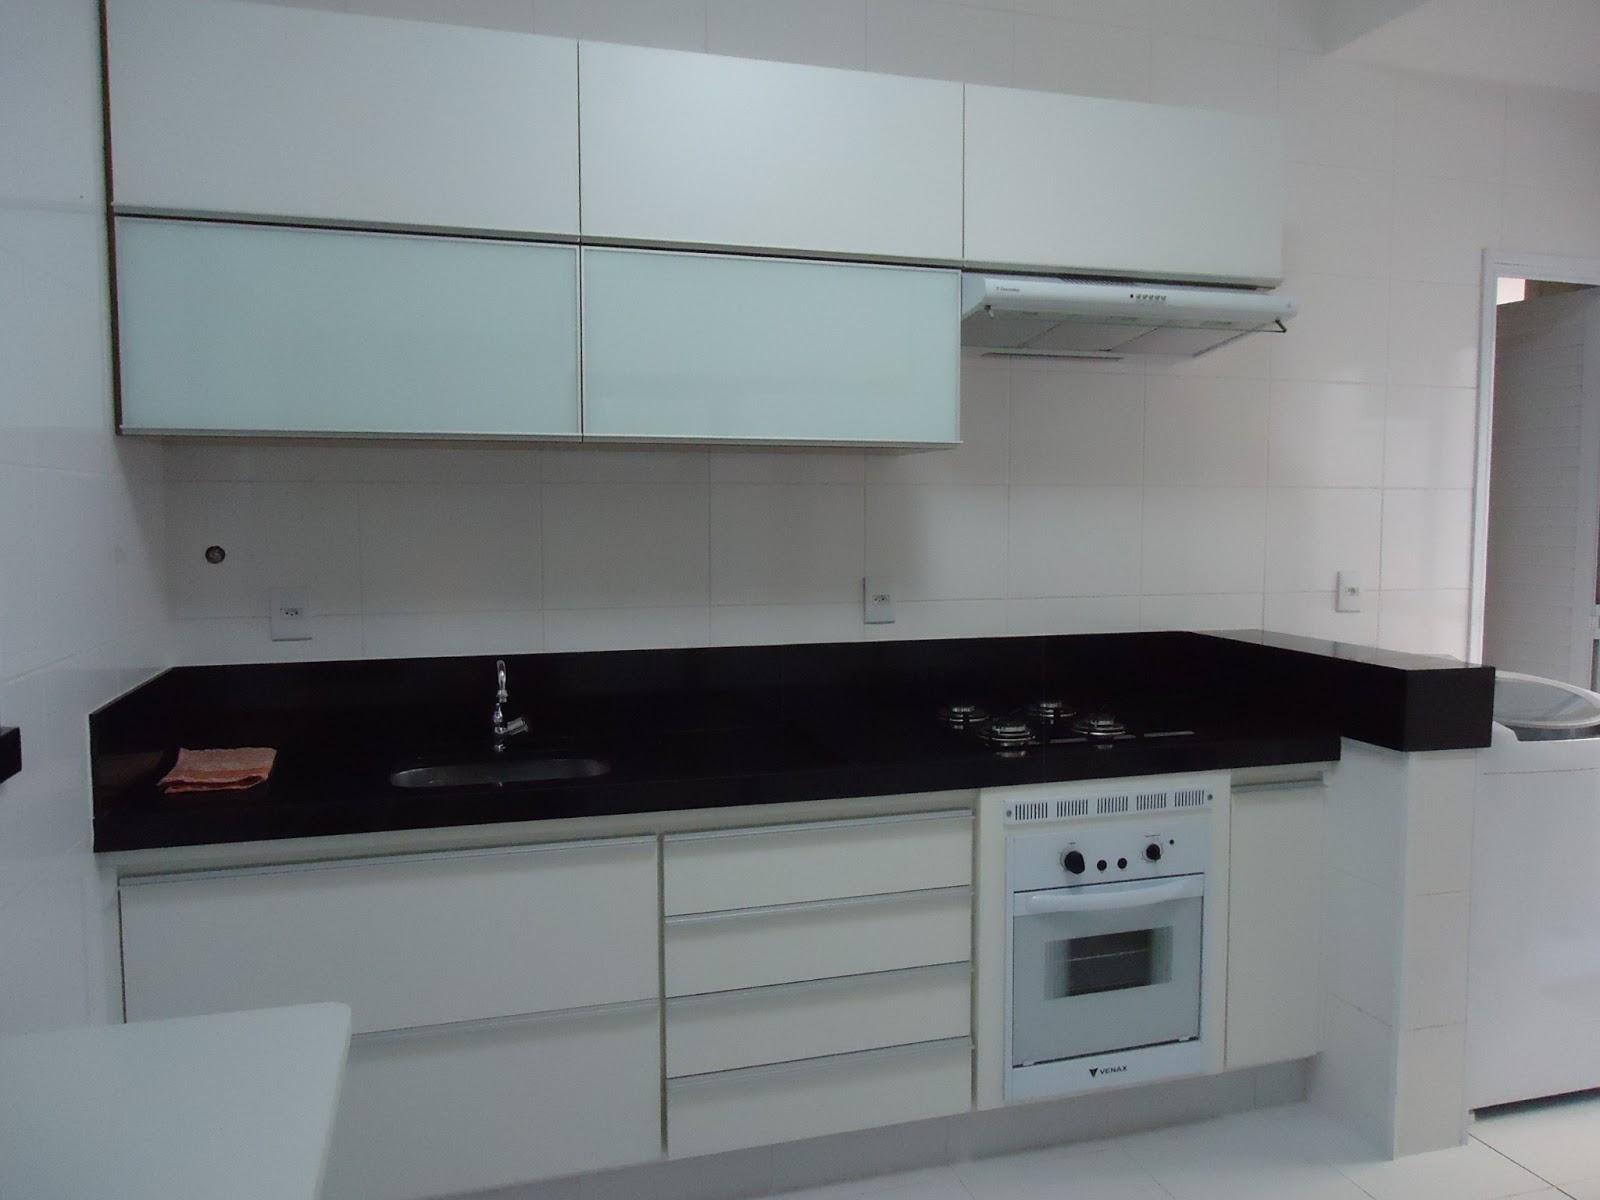 Cozinha integrada com a lavanderia ANTES #5B4A47 1600x1200